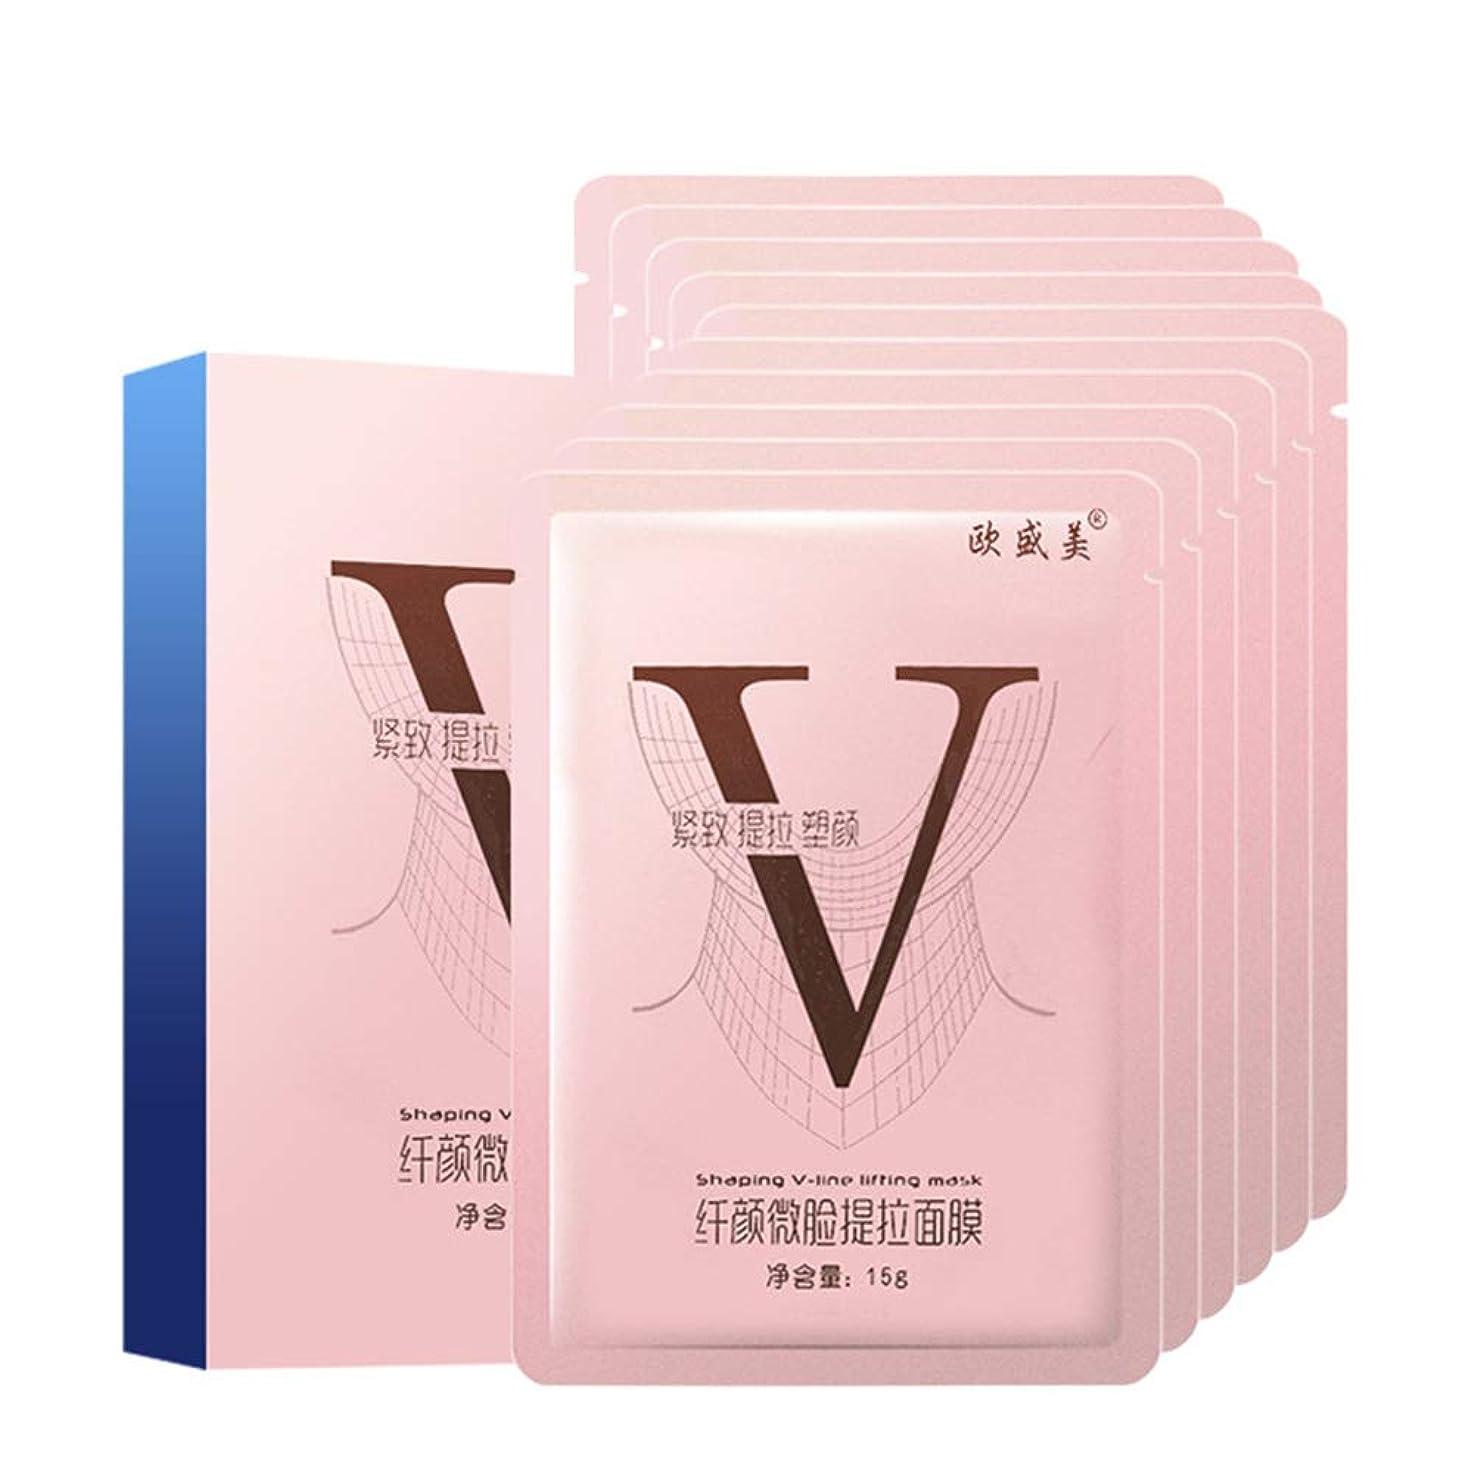 ペグネイティブ人気のHealifty 1箱フェイシャルリフティングバンドVラインフェイスマスクダブルチンリデューサー引き締めと保湿リフティングチンアップマスク(1箱/ 10個)